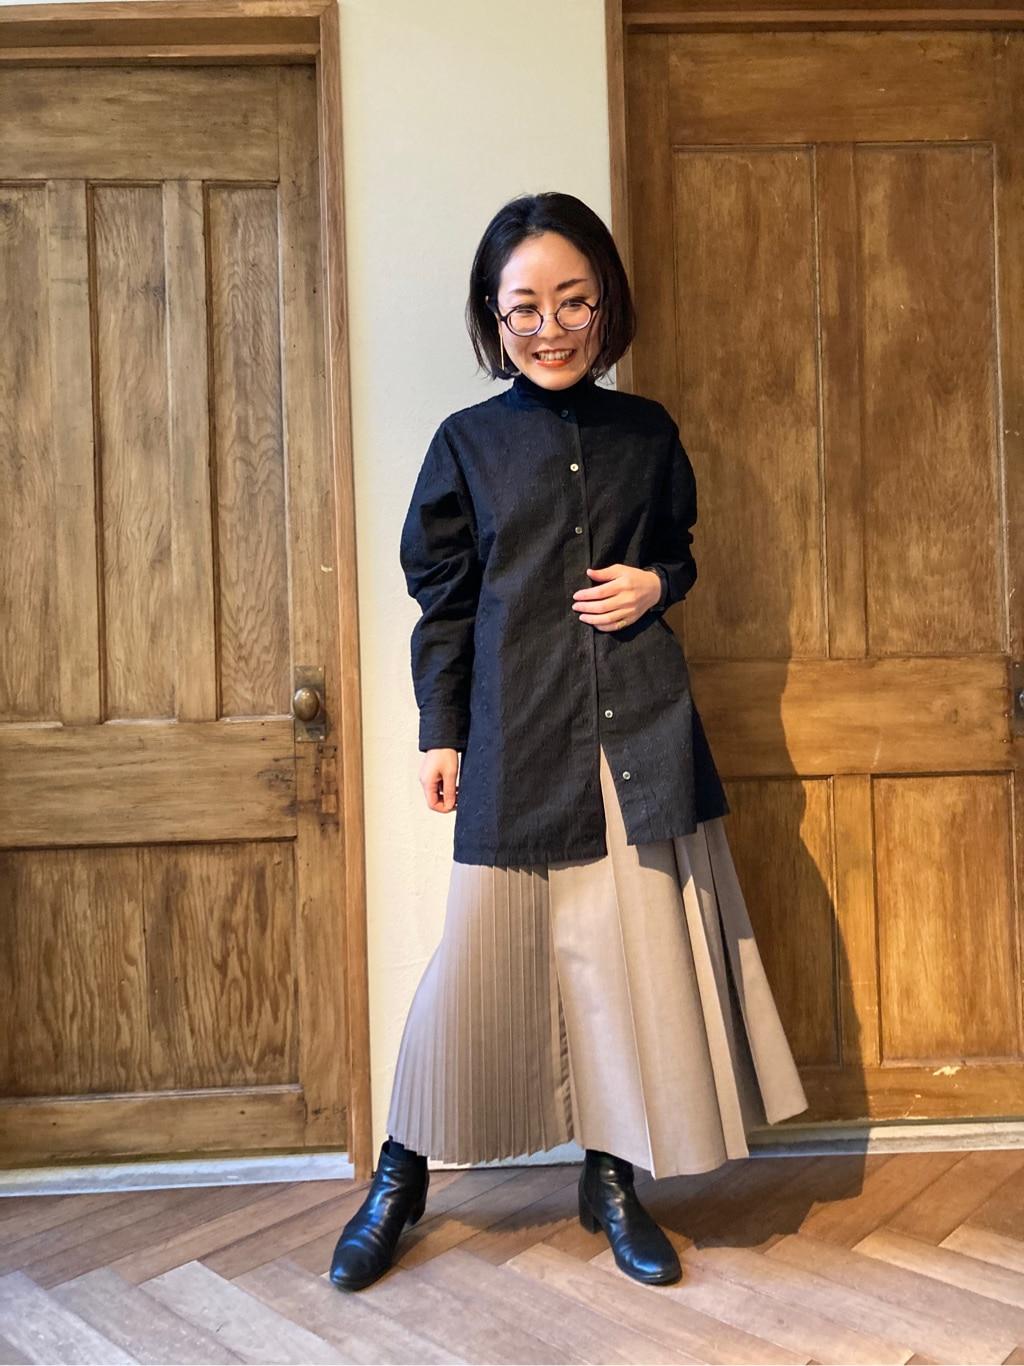 yuni 京都路面 身長:152cm 2020.12.04